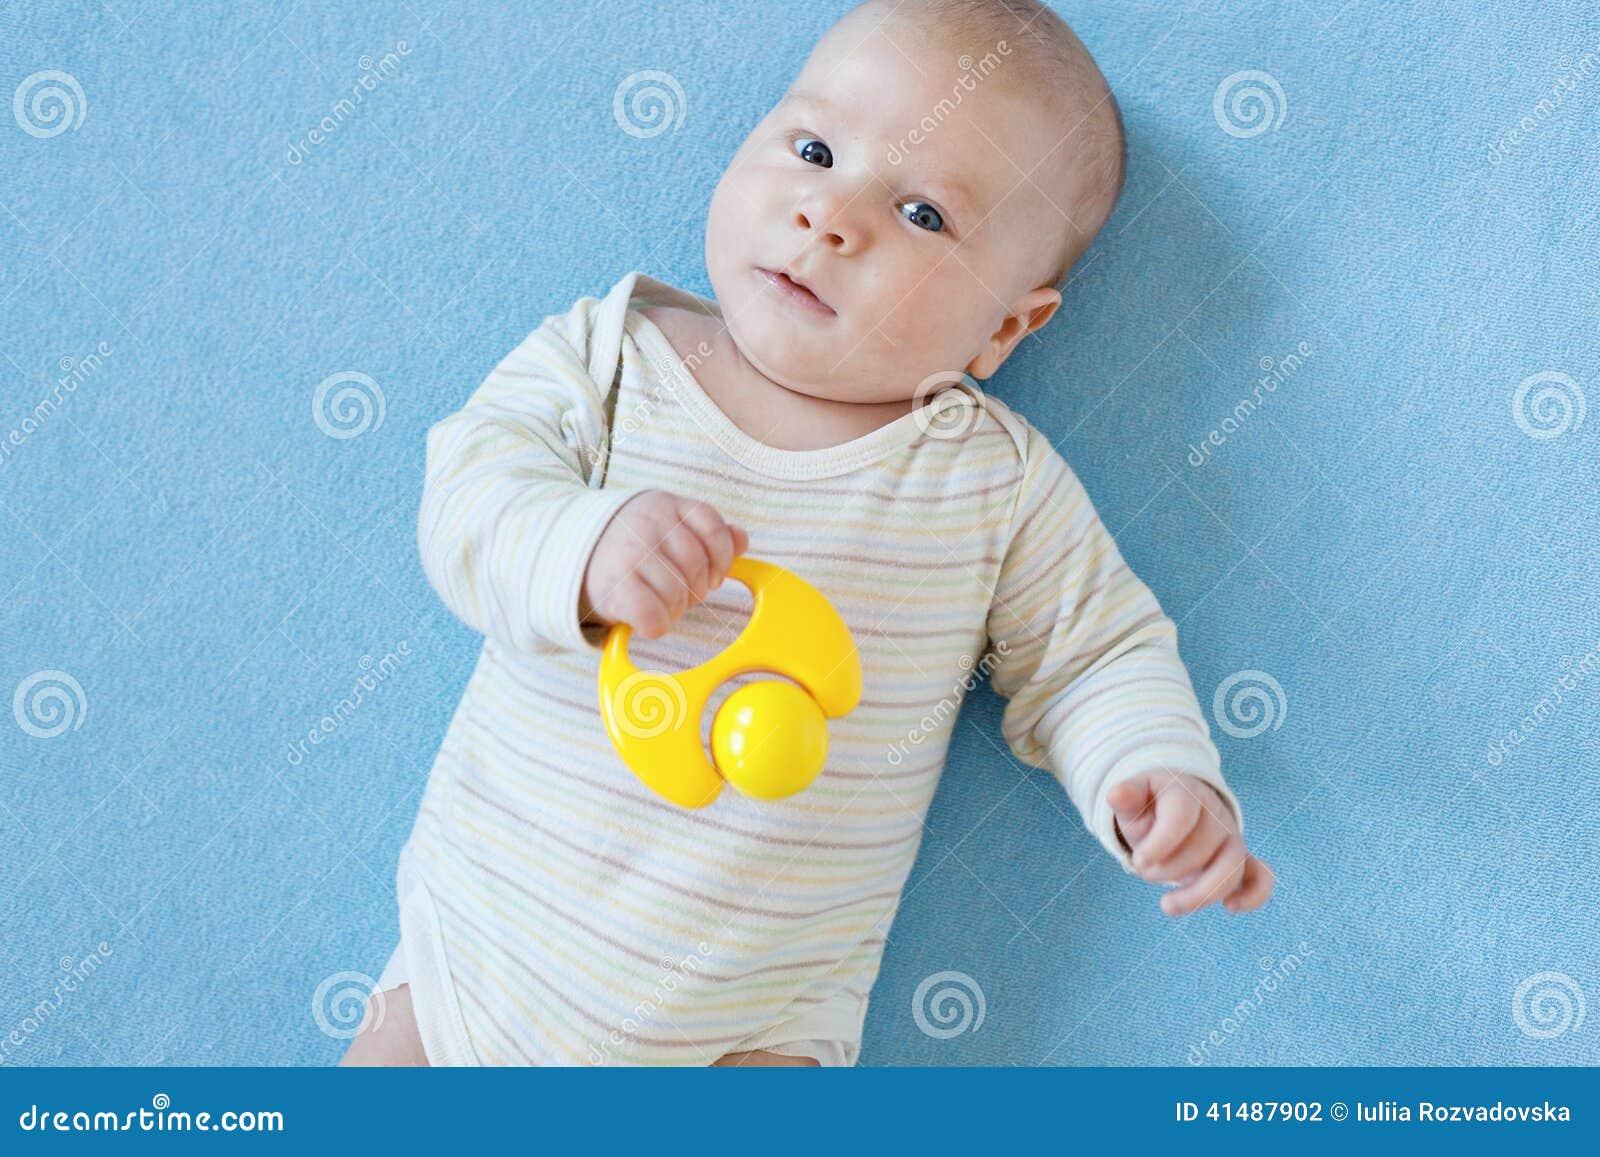 O bebê está jogando com brinquedos educacionais